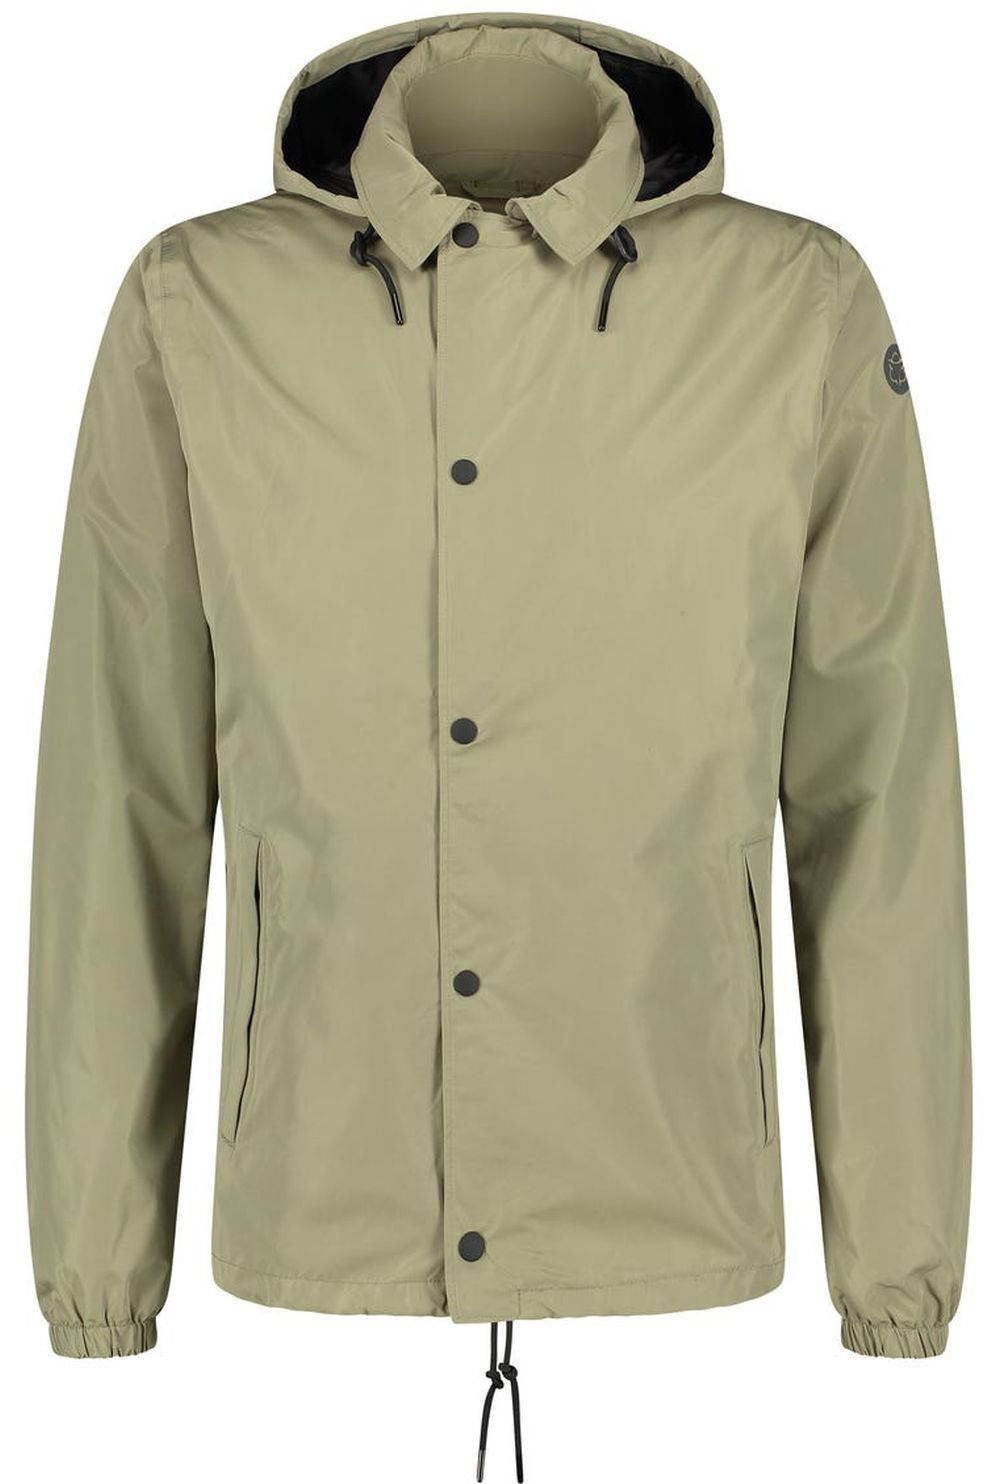 Agu Fietsjas Urban Outdoor Coach Jacket voor heren - LichtGroen - Maten: S, M, L, XL, XXL